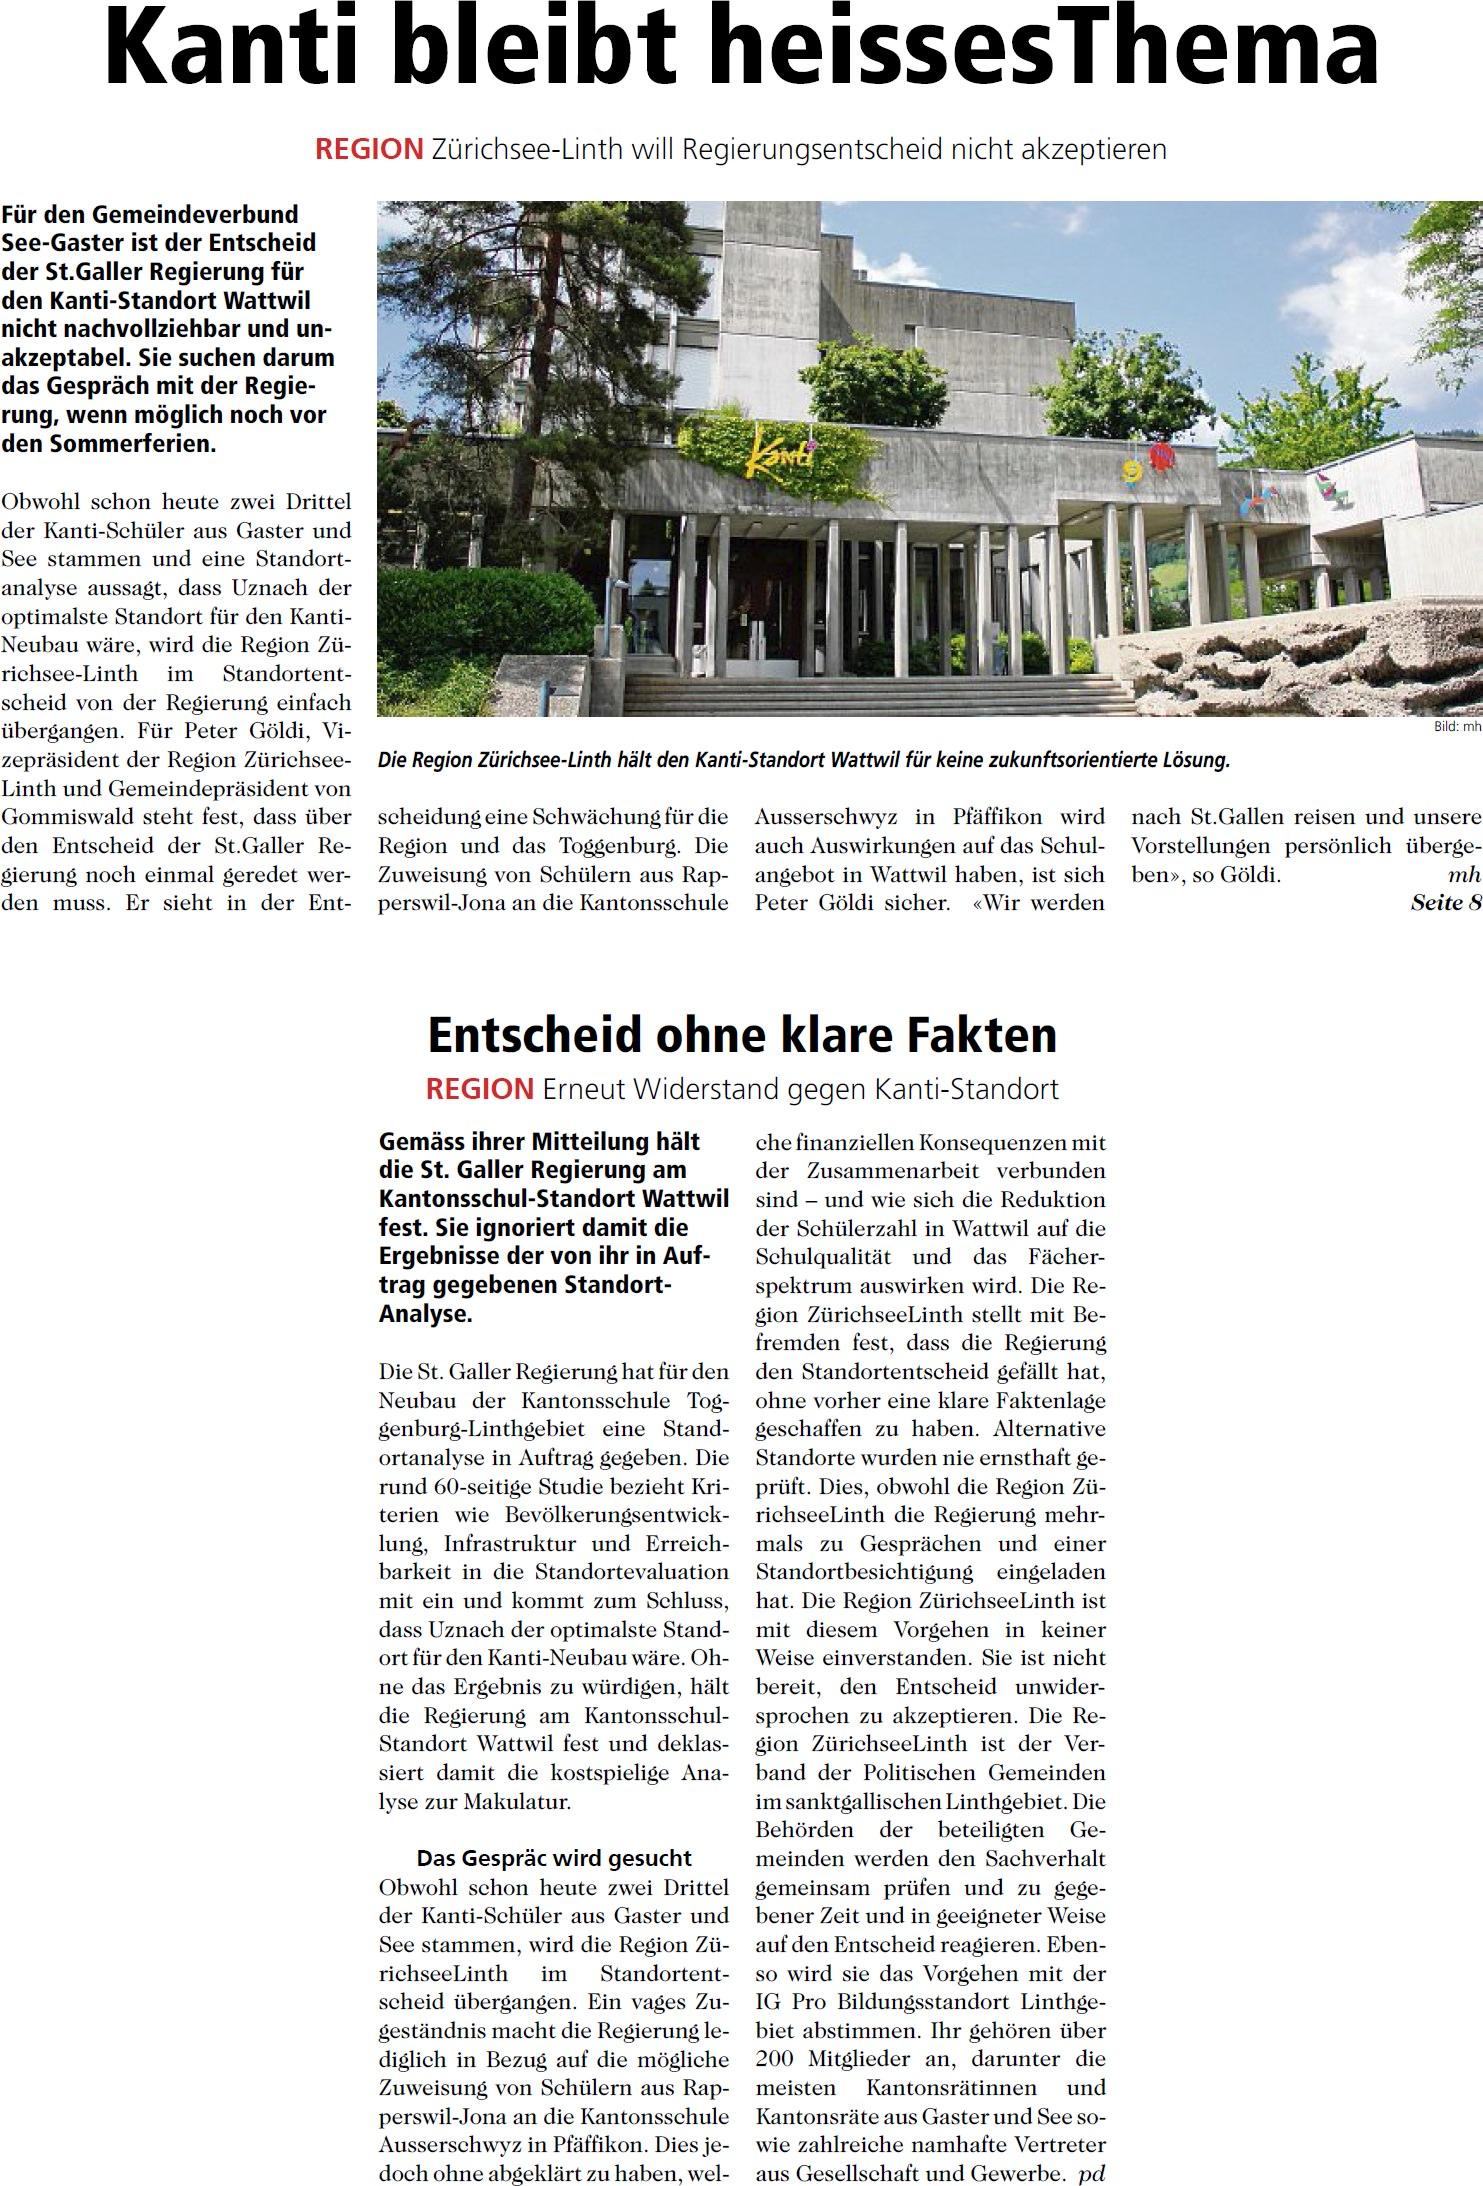 Kanti bleibt heisses Thema (Mittwoch, 18.06.2014)